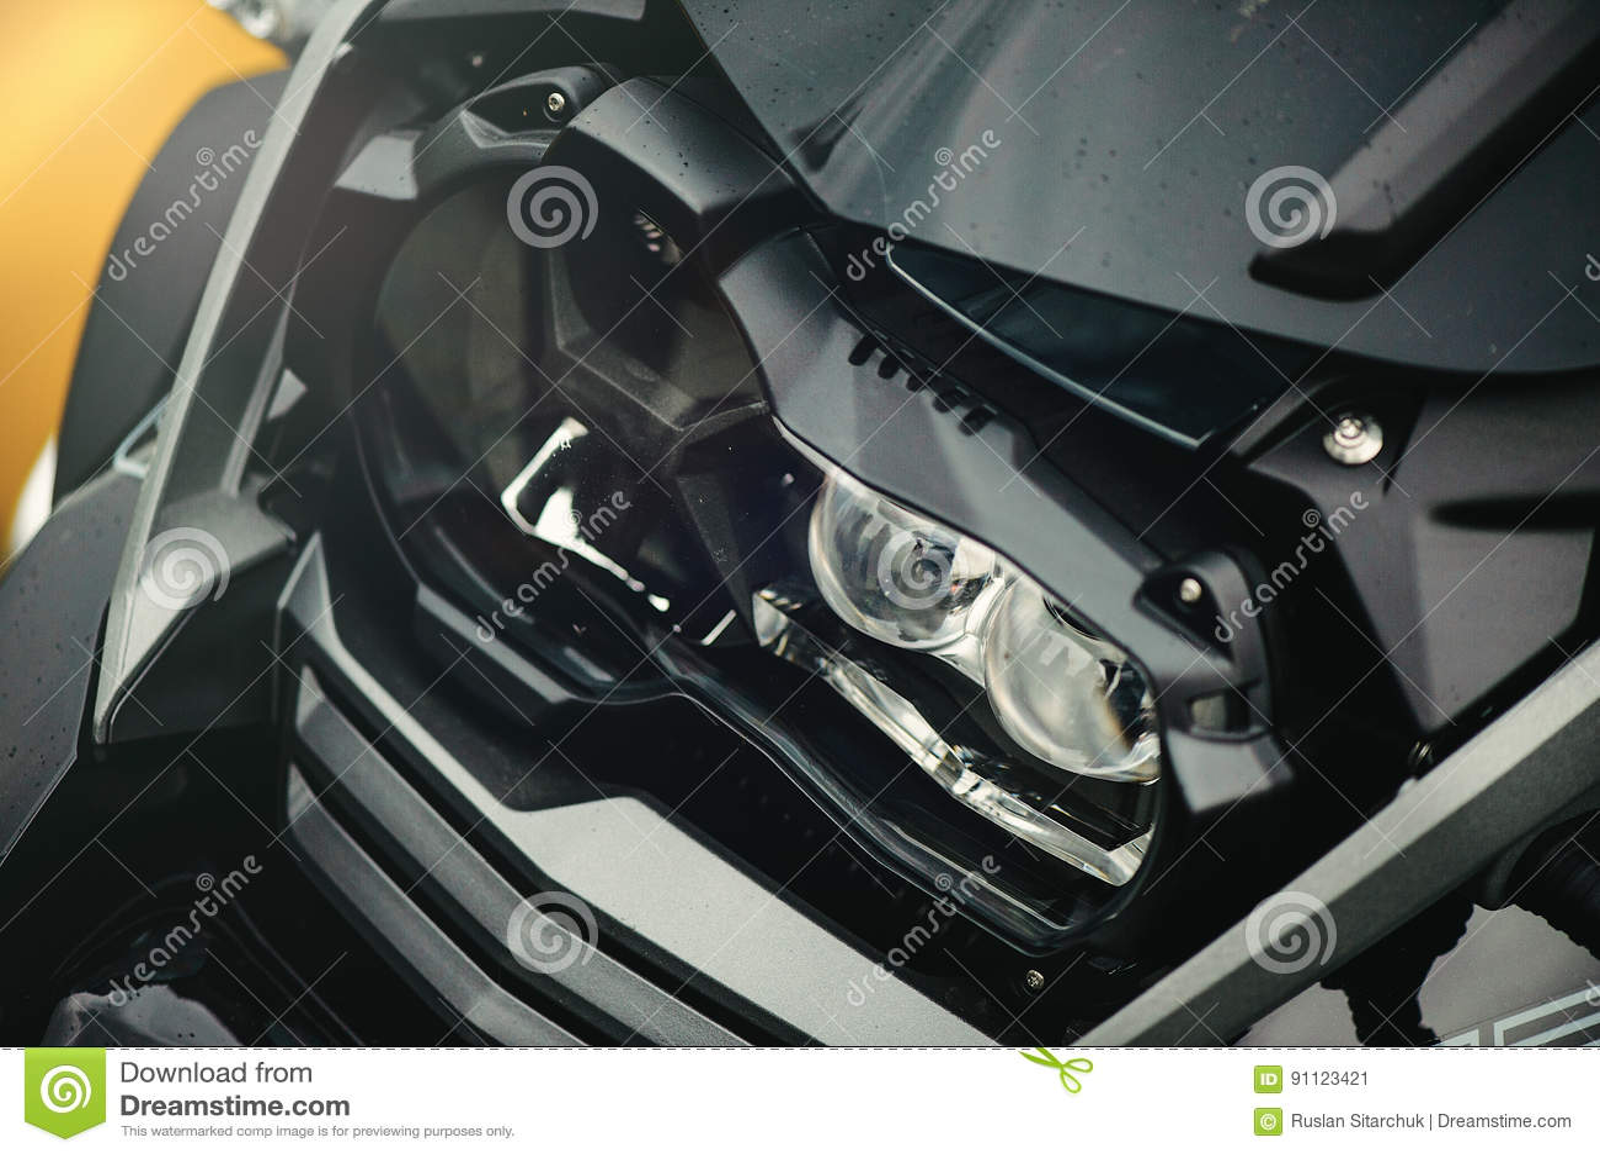 Led motorcycle headlight stock image. Image of protection - 91123421 for Motorcycle Headlight Design  53kxo